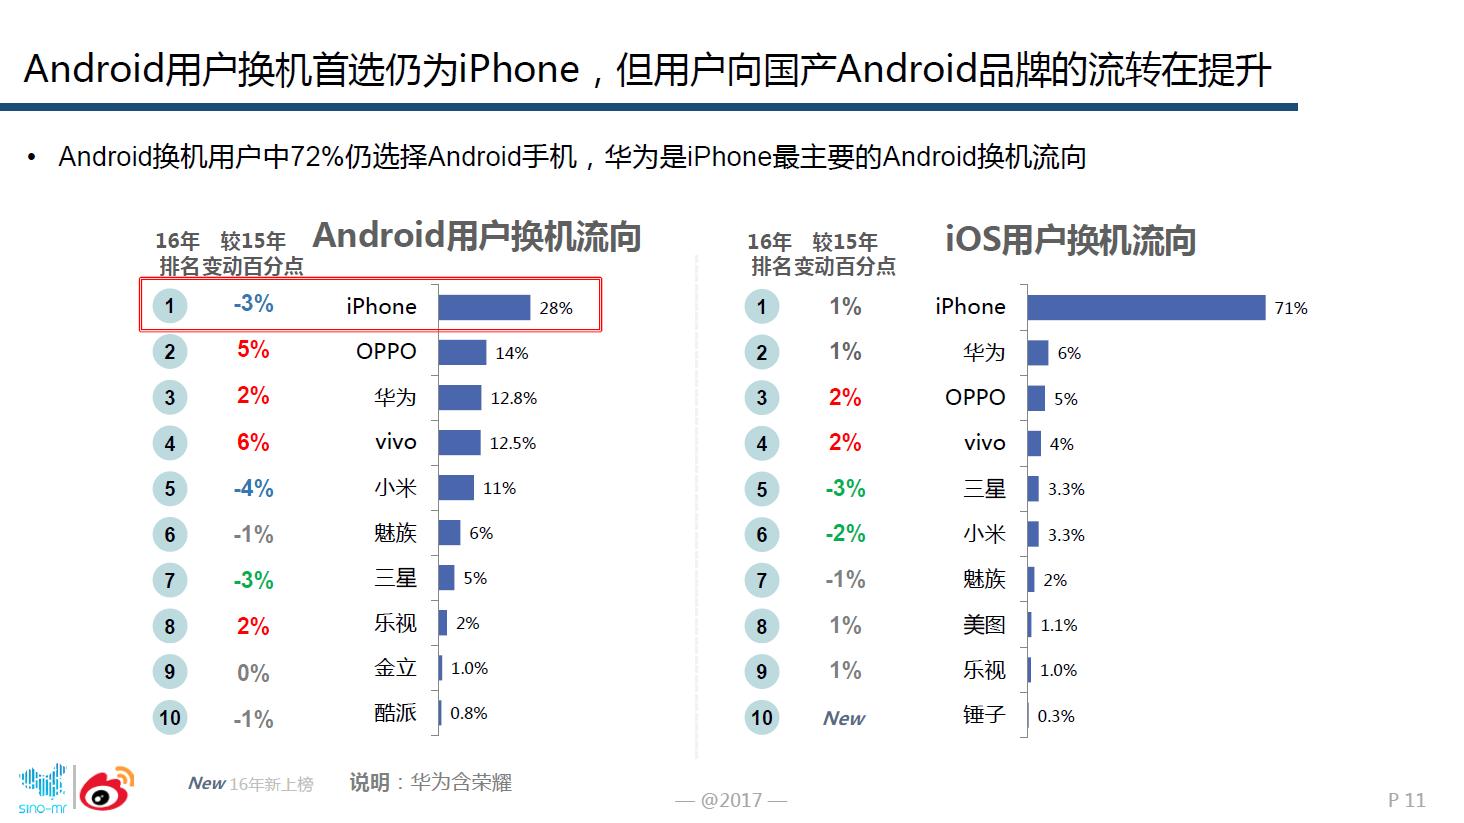 图2:安卓用户换安卓手机时,OPPO成为首选.png